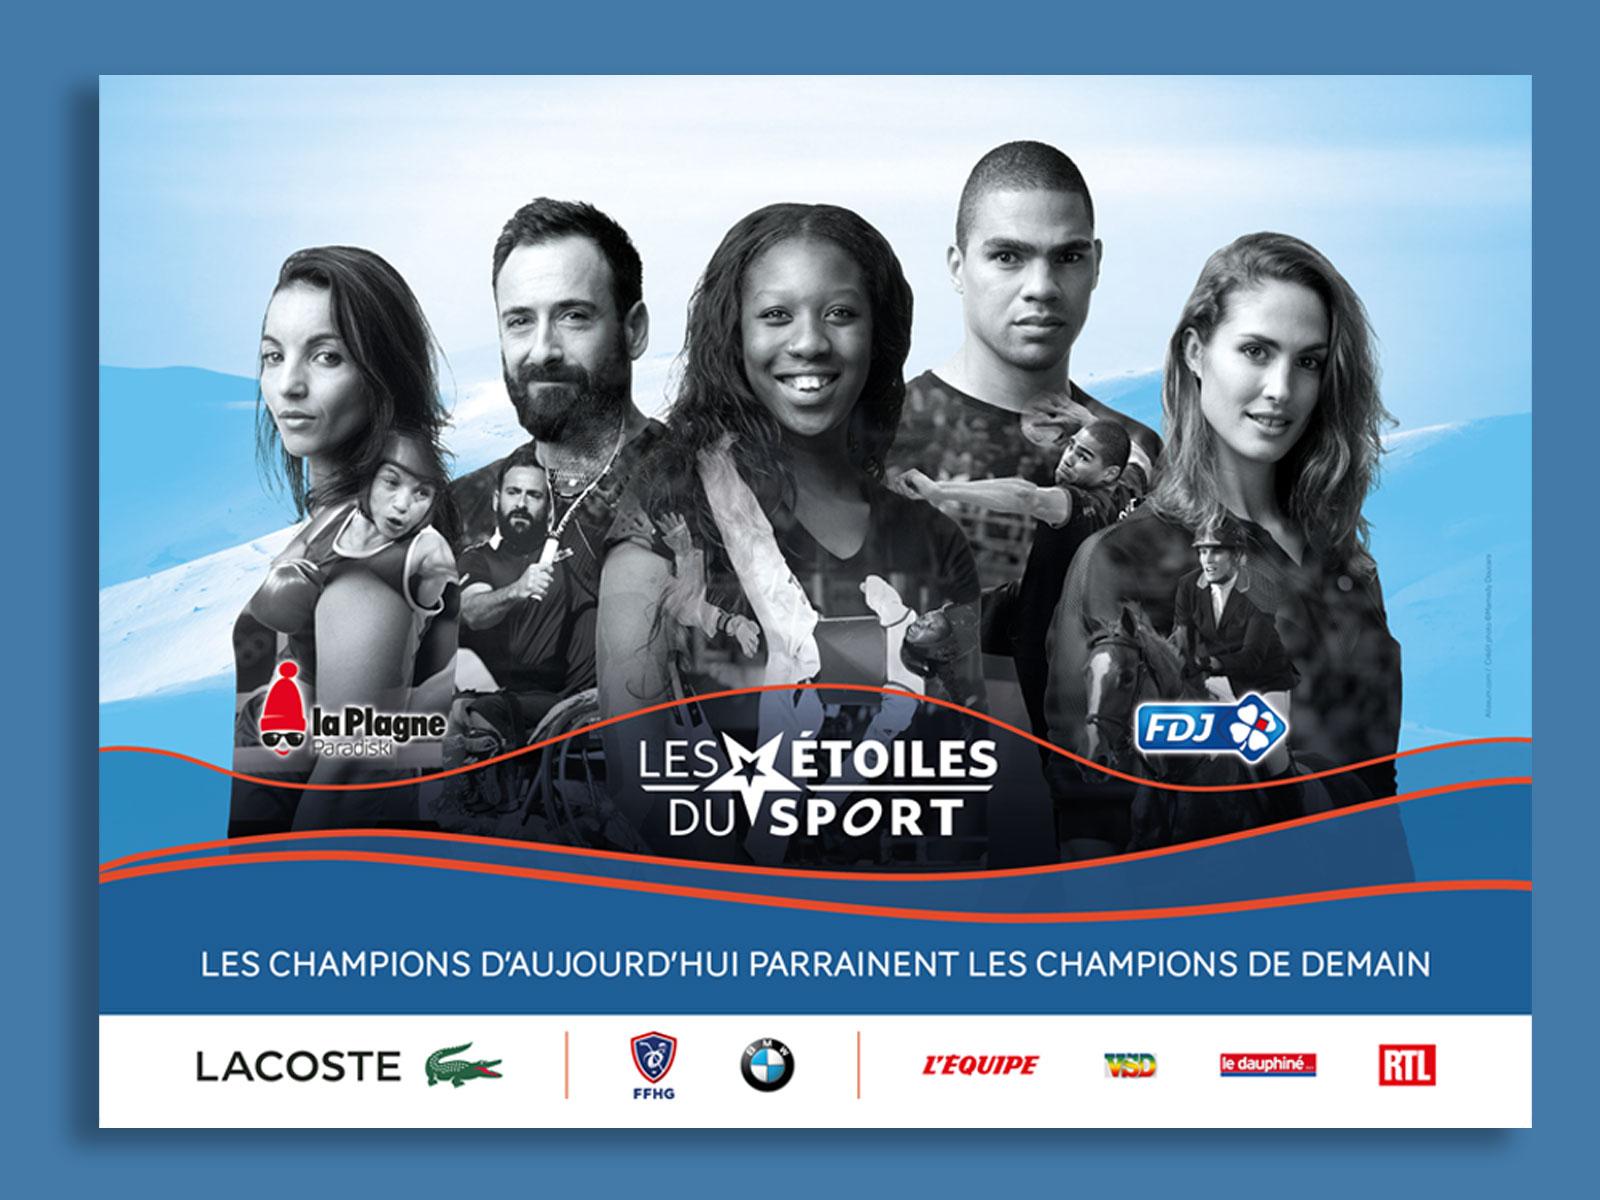 Affiche JC Decaux - Campagne d'affichage nationale.